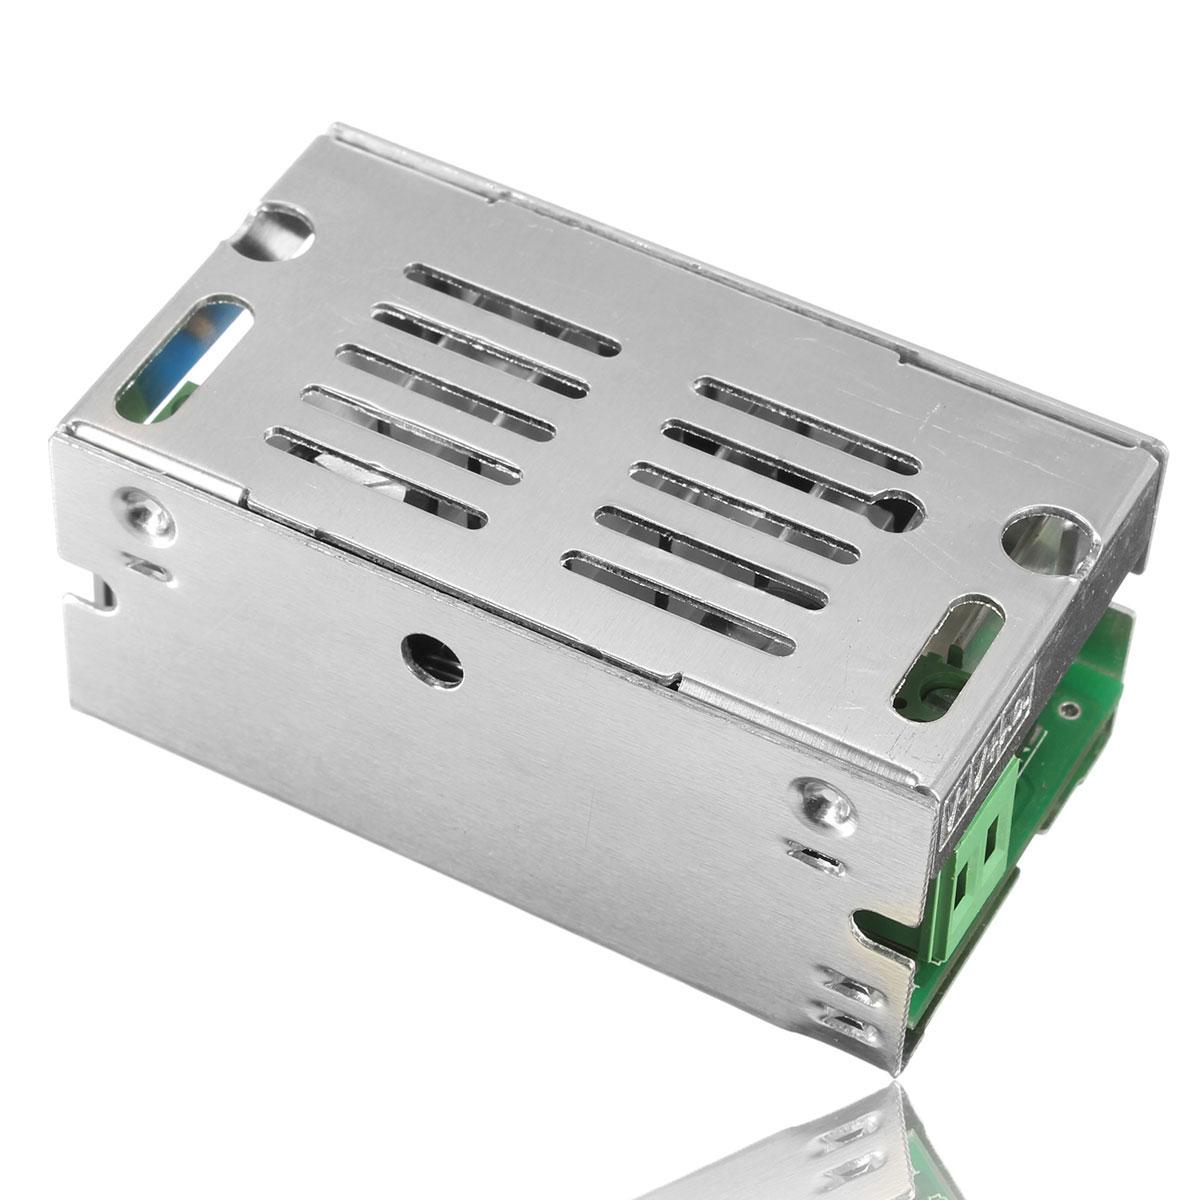 New DC Boost Converter DC 840V to 1260V 10A 160W Adjustable Power Supply Module DC 12V 24V Step Up Converter Voltage Regulator(China (Mainland))